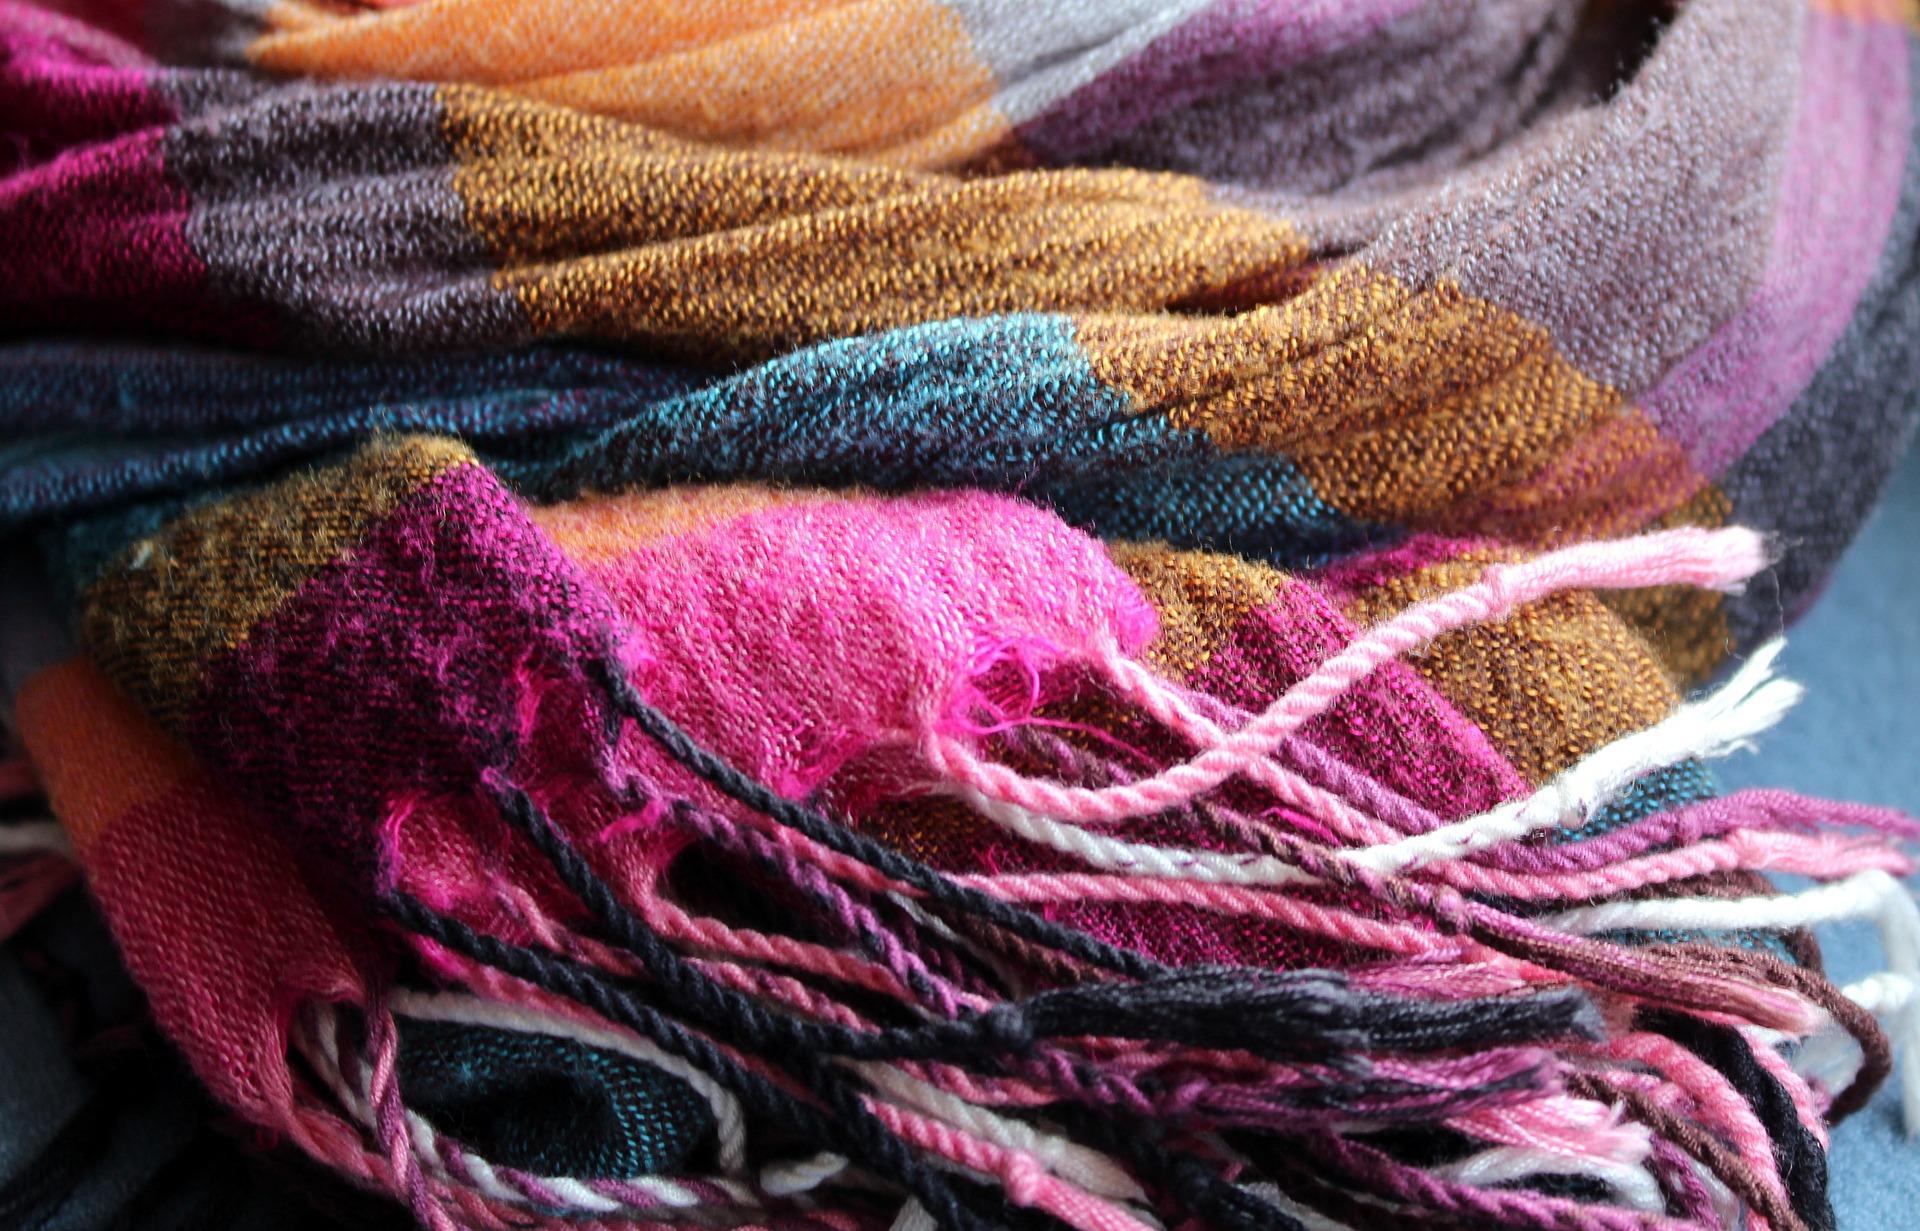 scarf-3118638_1920.jpg